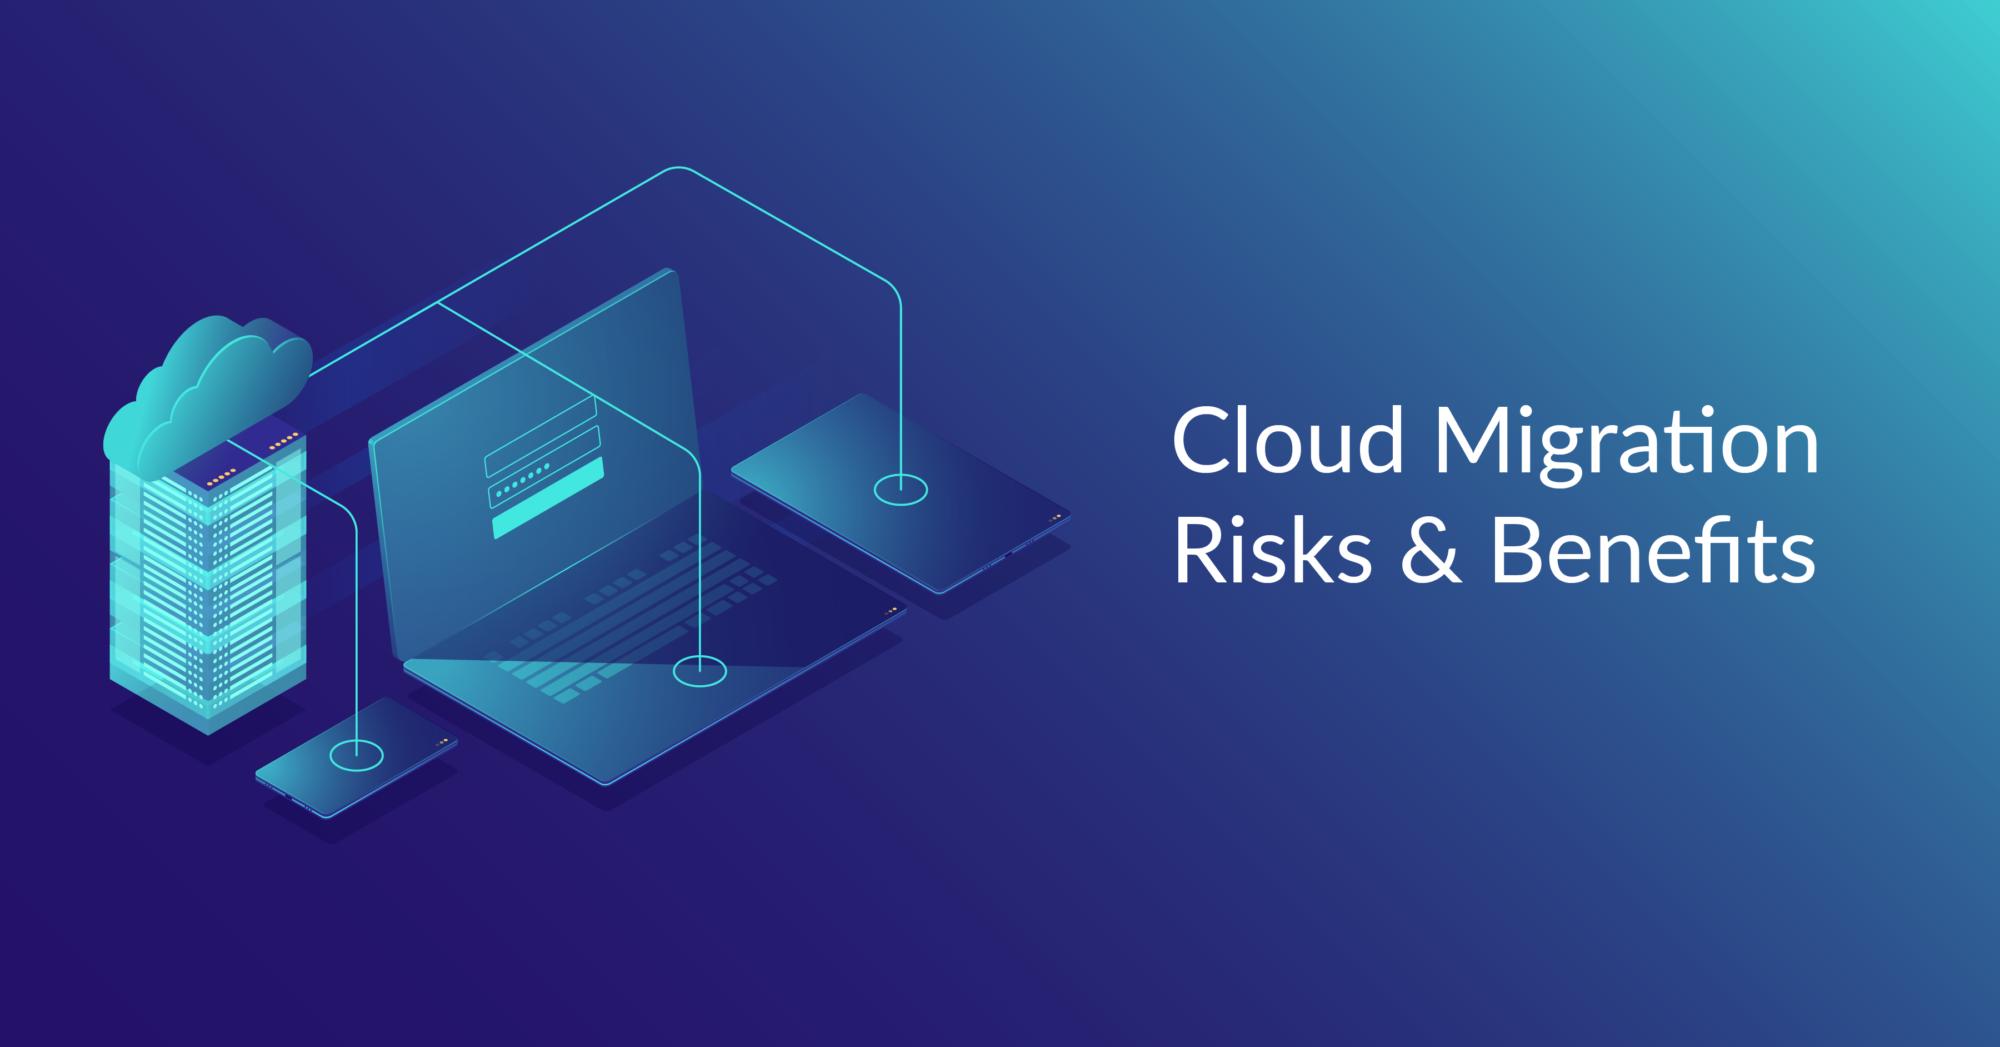 Cloud Migration Risks & Benefits